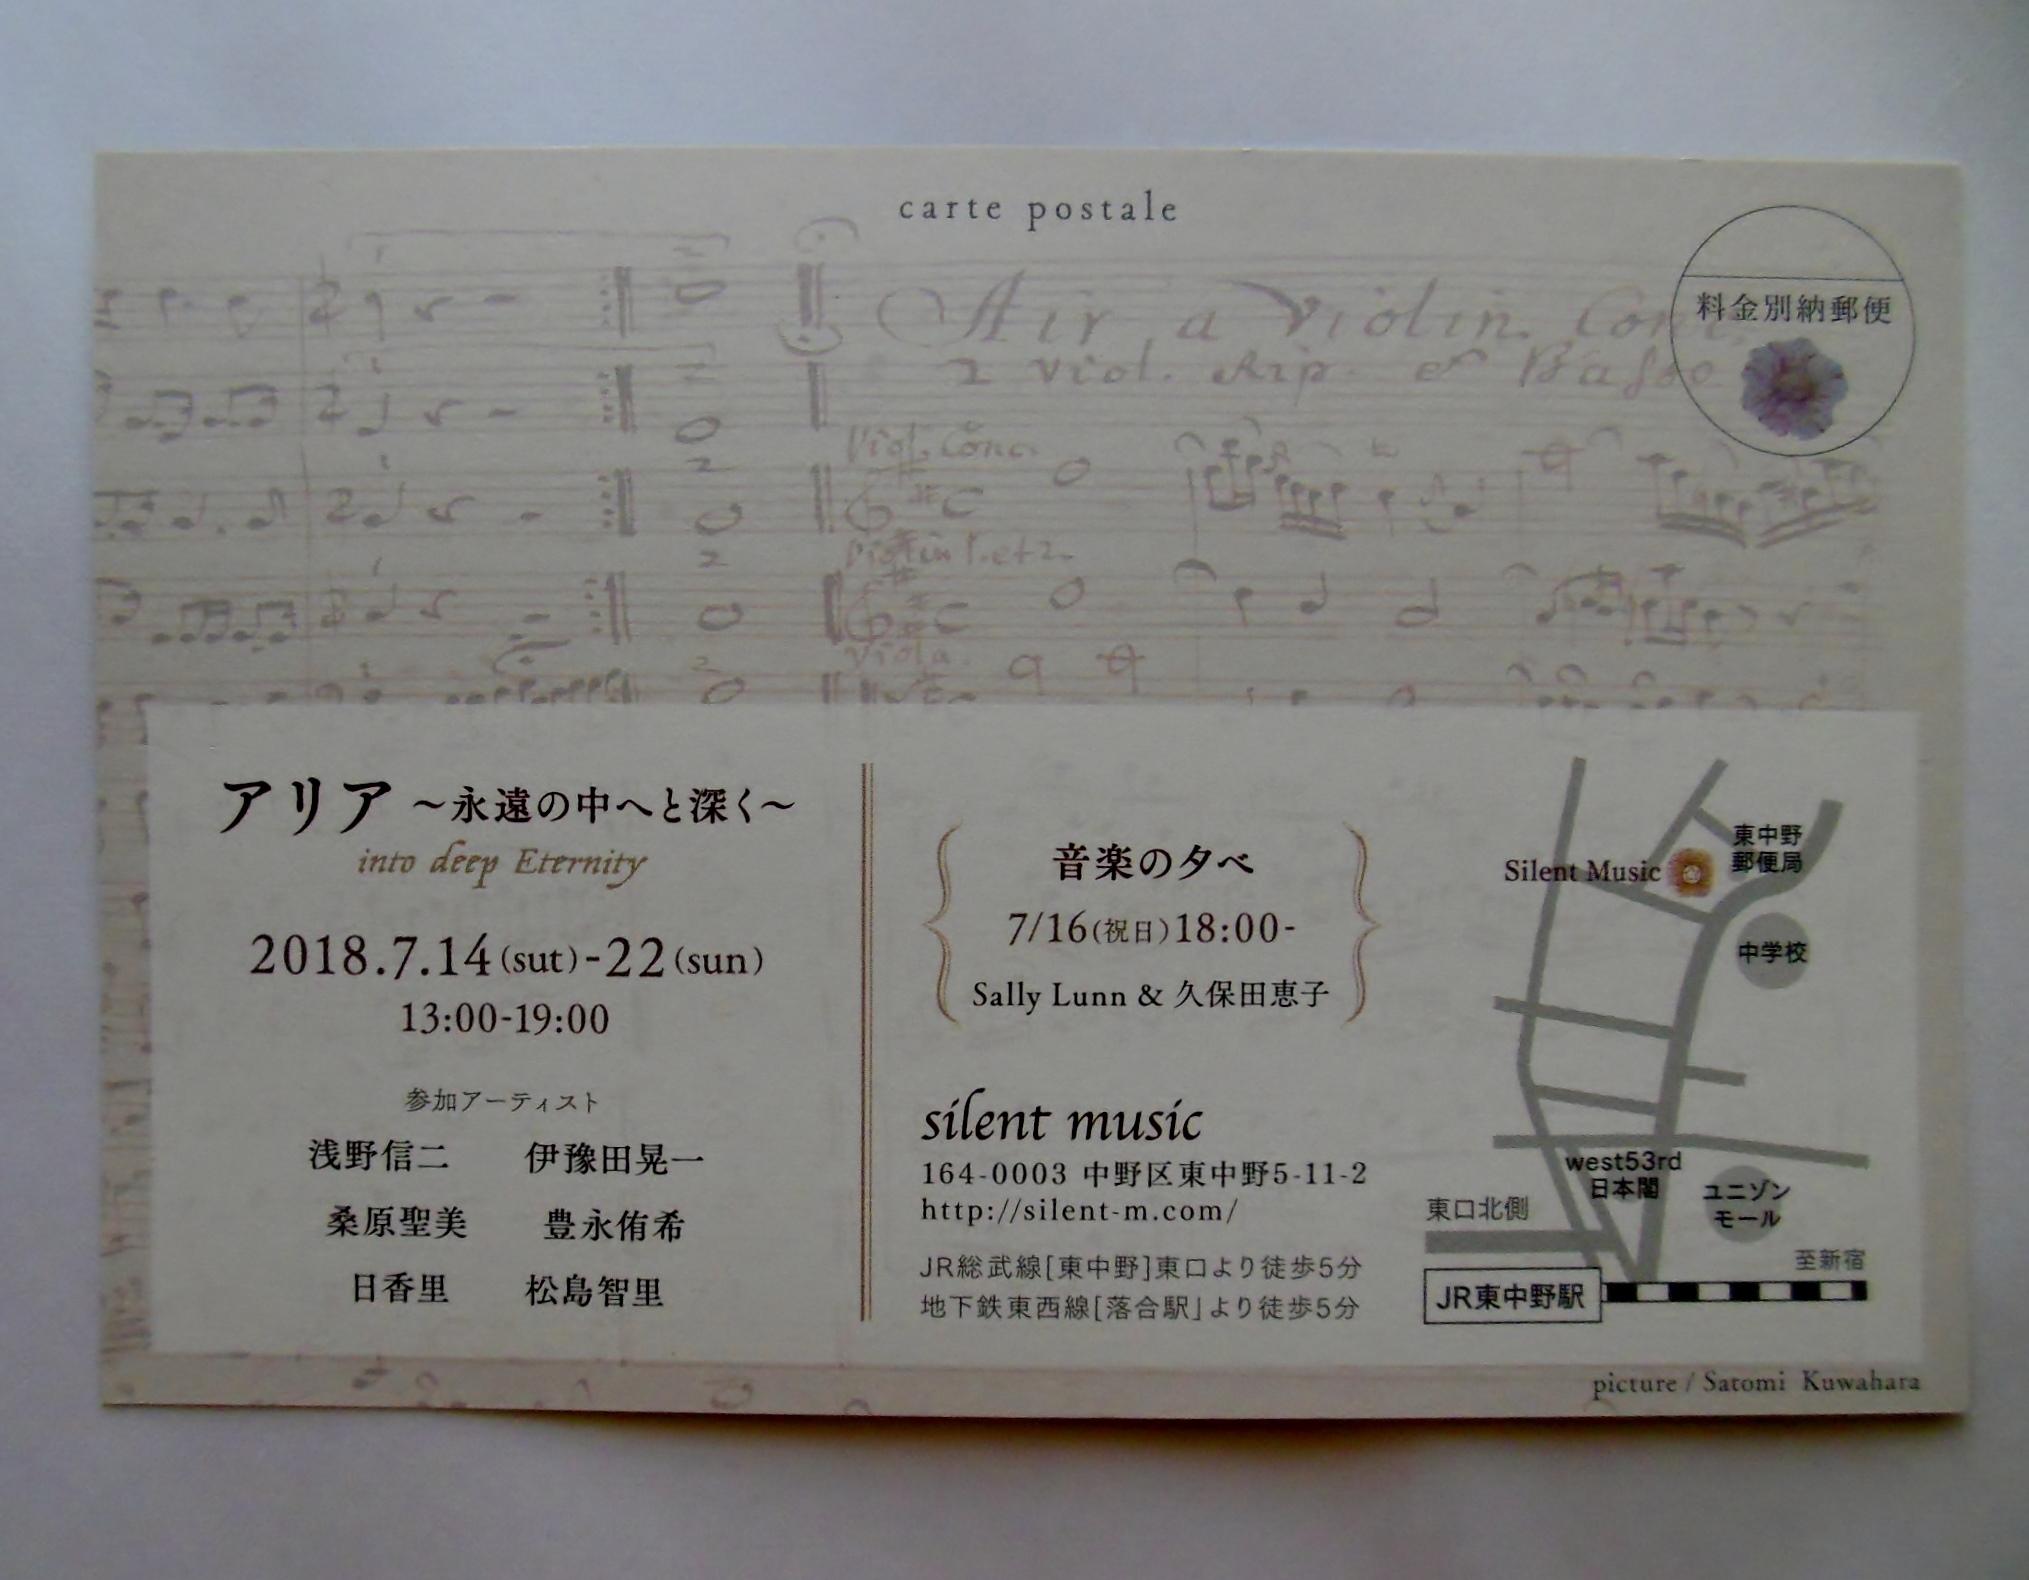 DSCN8672.jpg